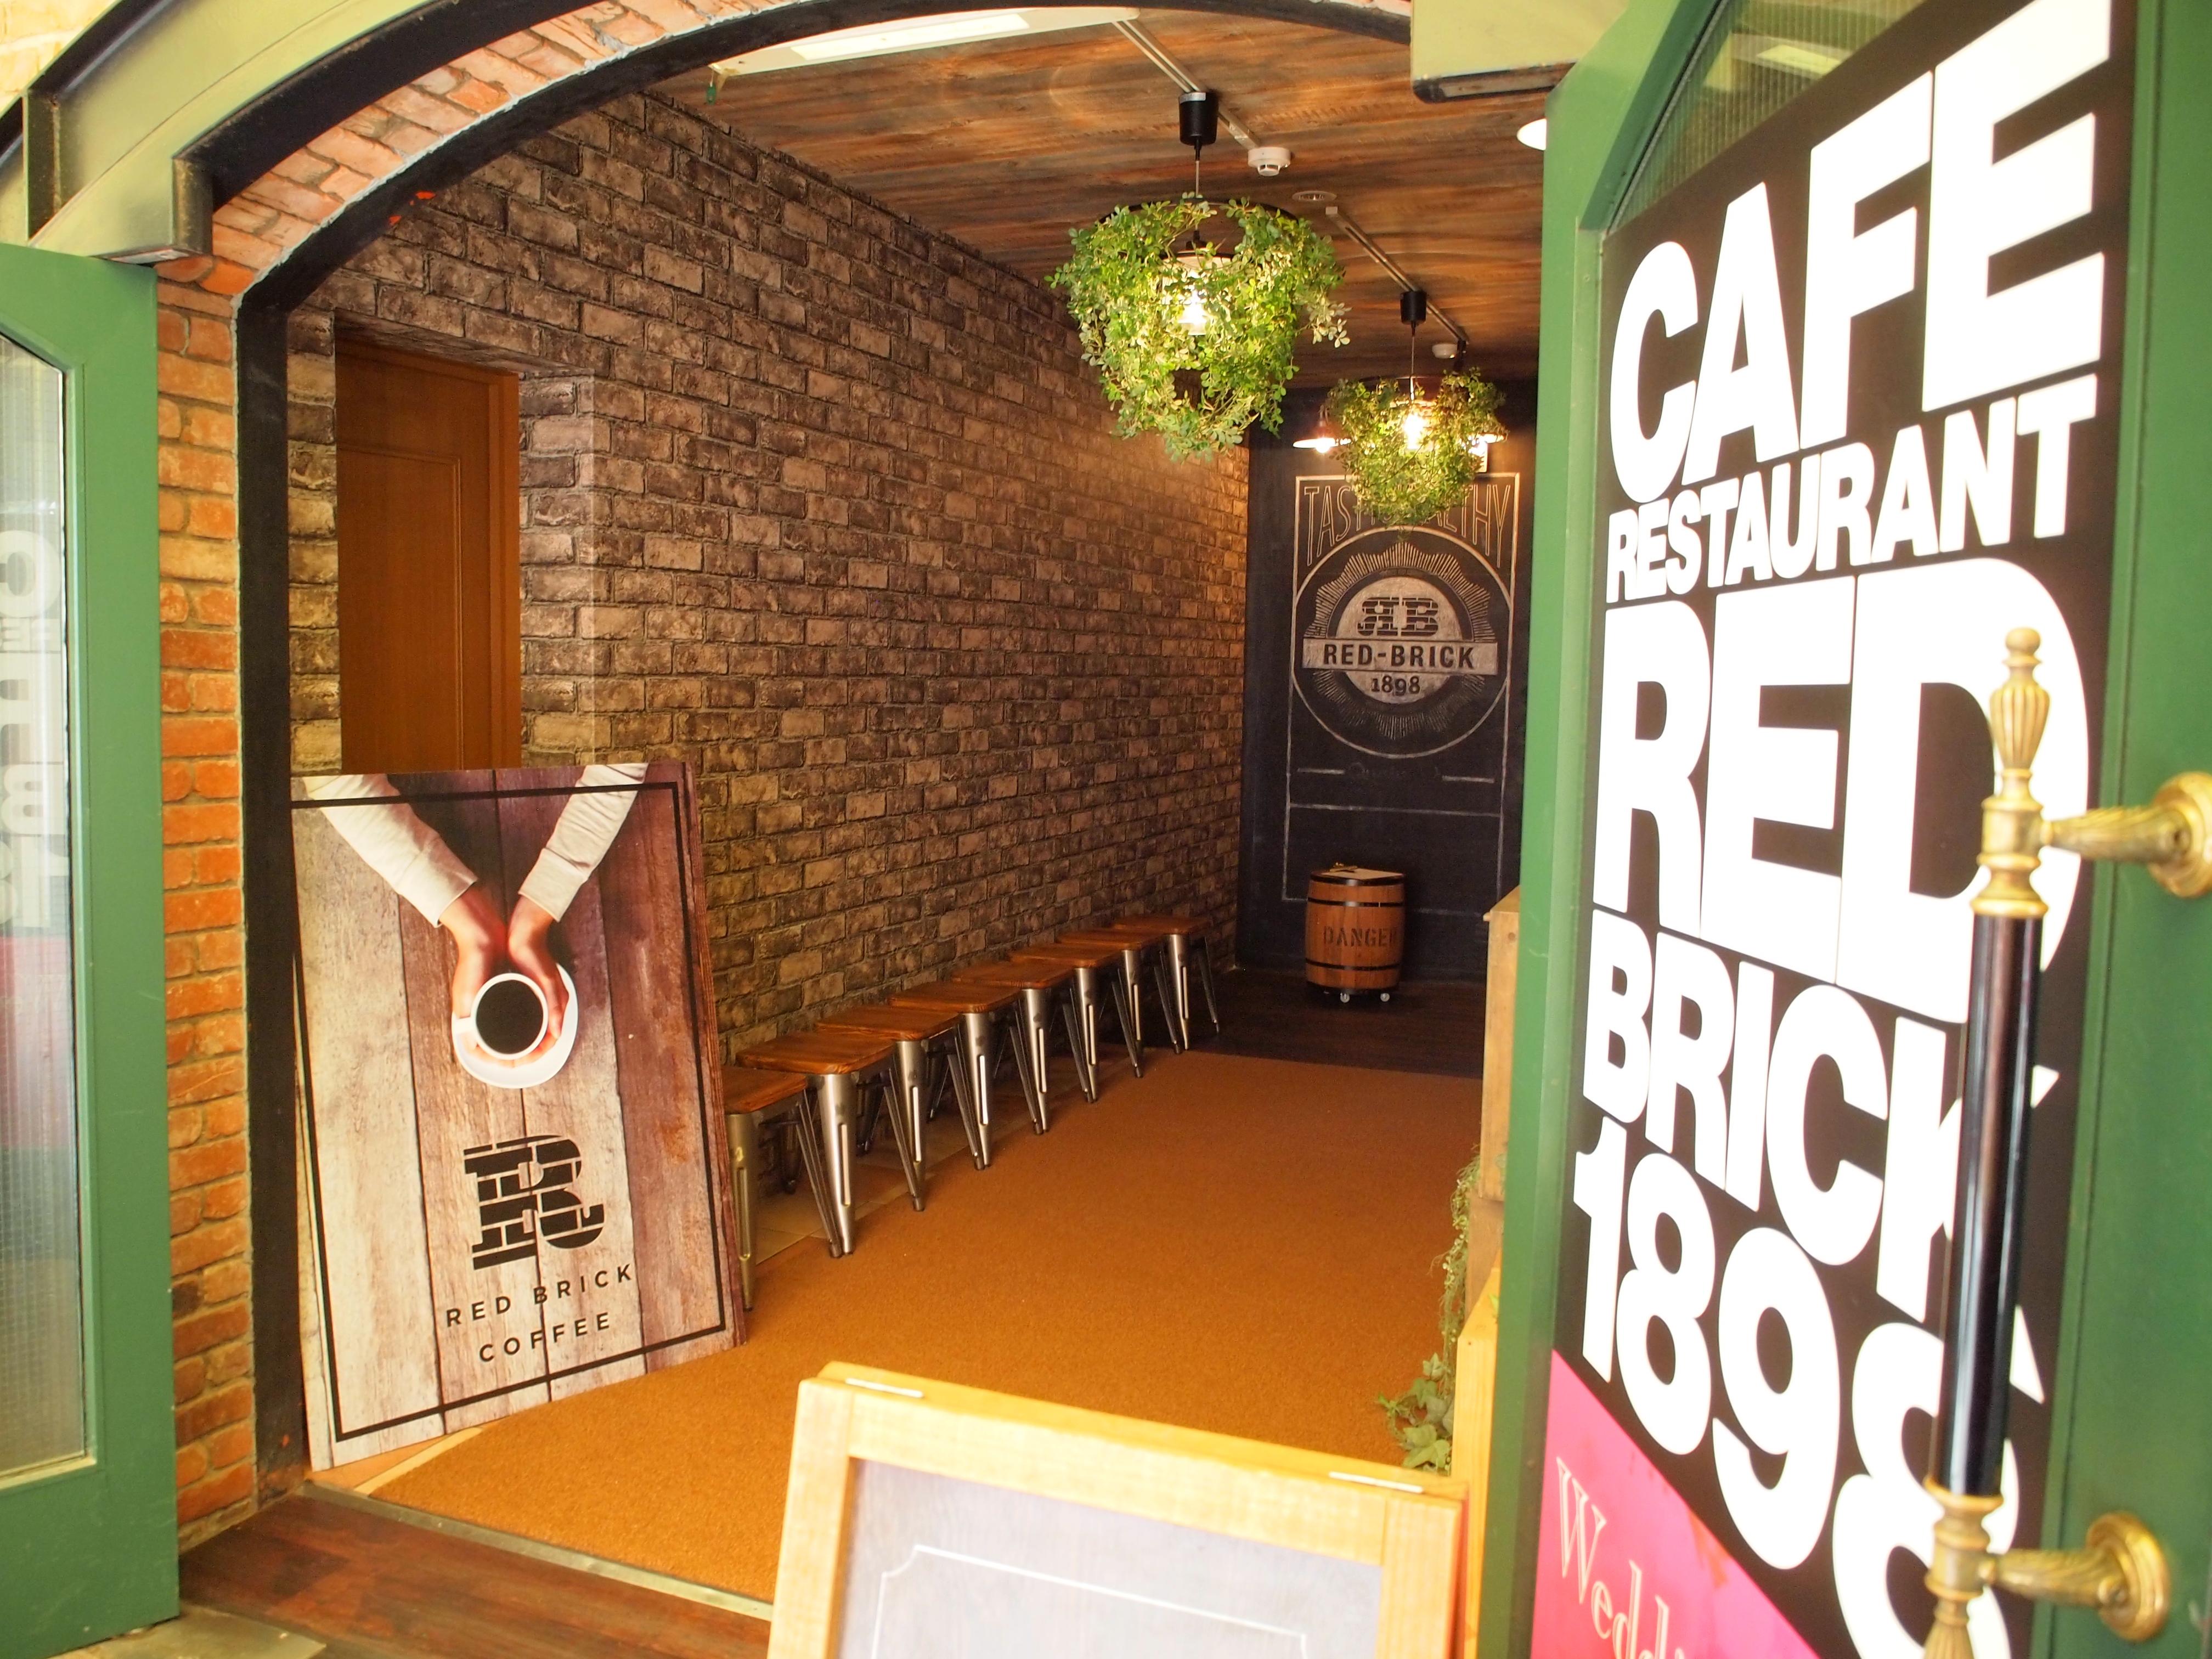 神戸 煉瓦倉庫 ハーバーランド カフェ パンケーキ RED BRICK 1898 レッドブリック